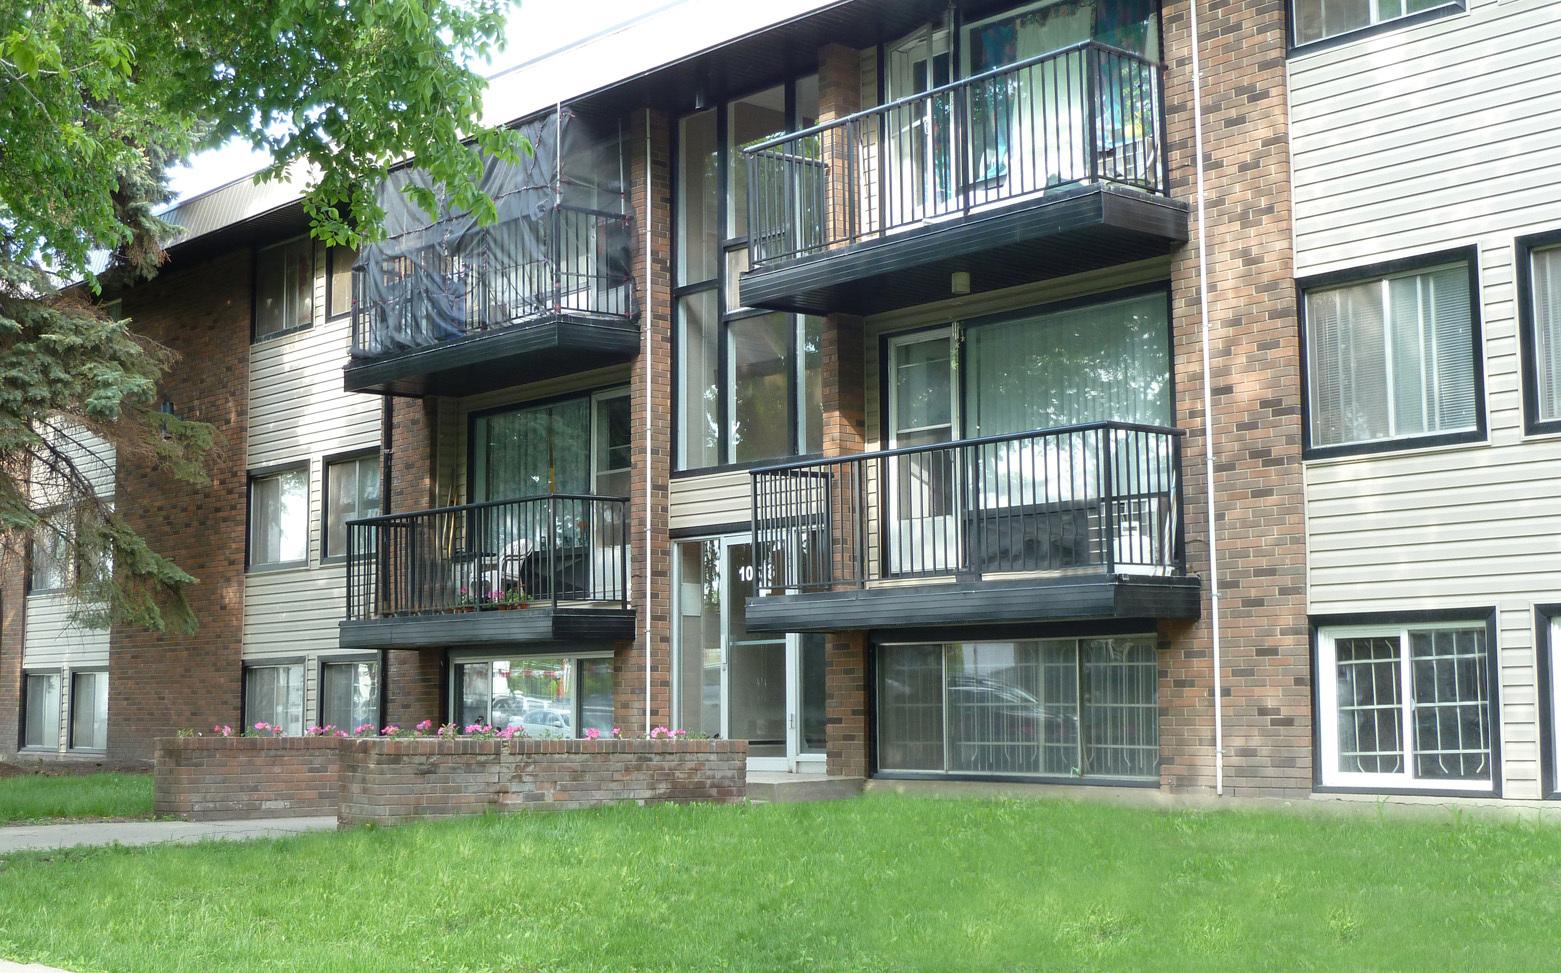 10633 111 Street NW, Edmonton, AB - $770